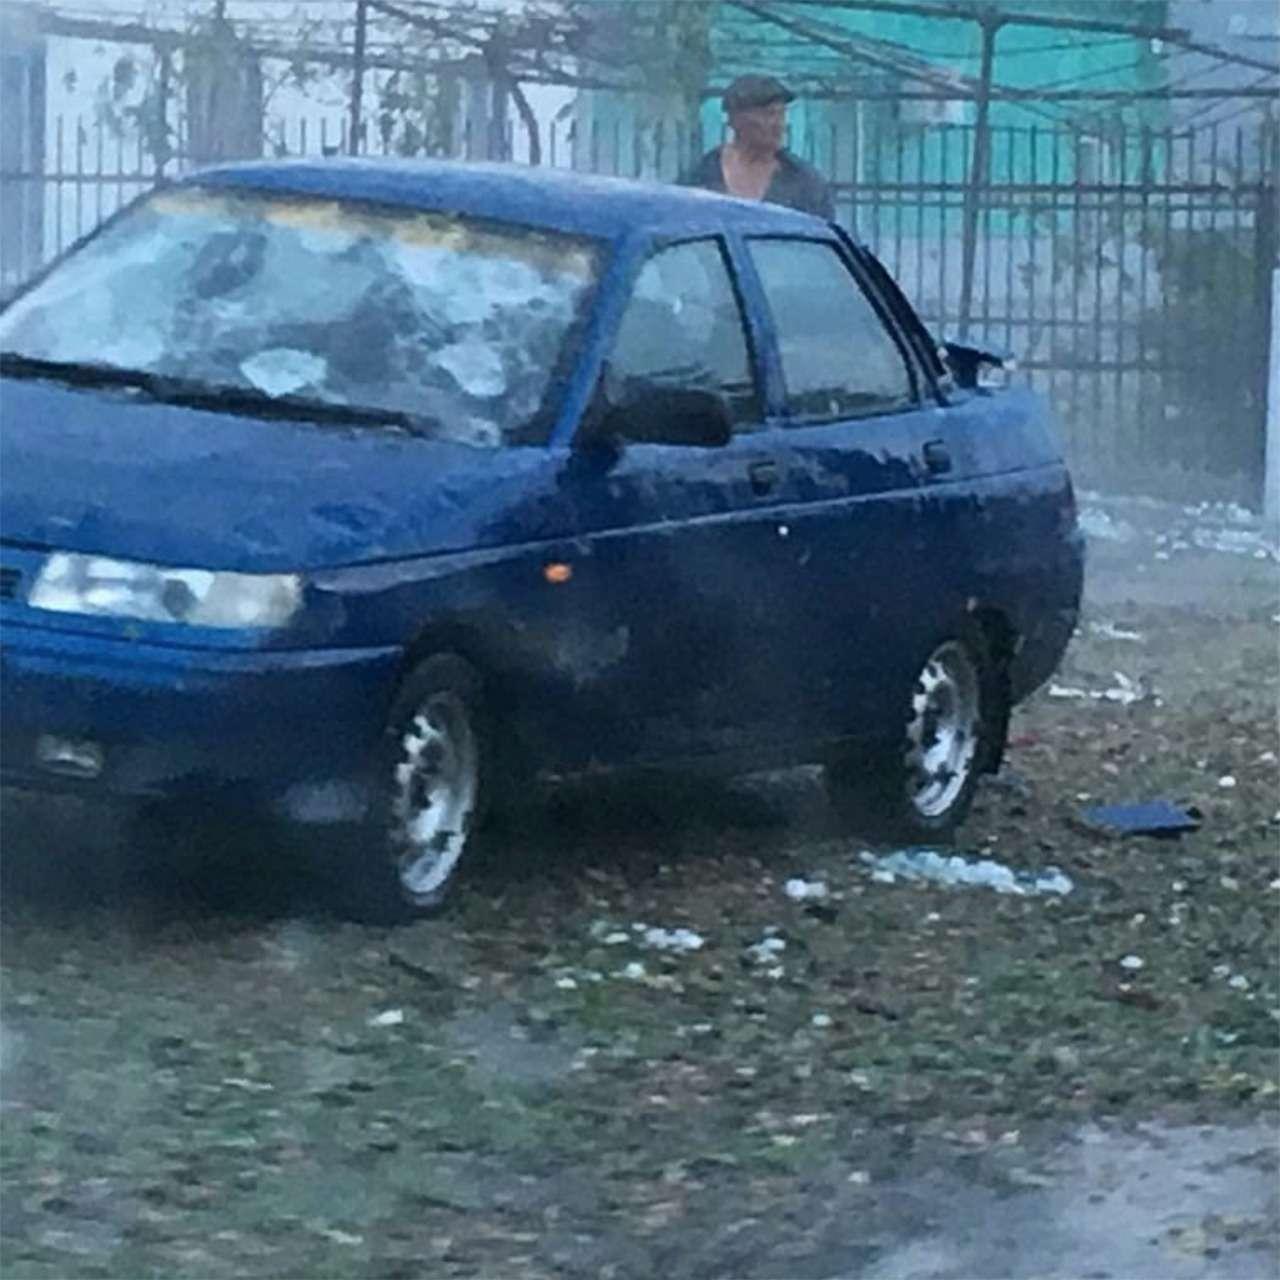 Разгул стихии: мощным градом побило сотни машин вКраснодарском крае— фото 883559